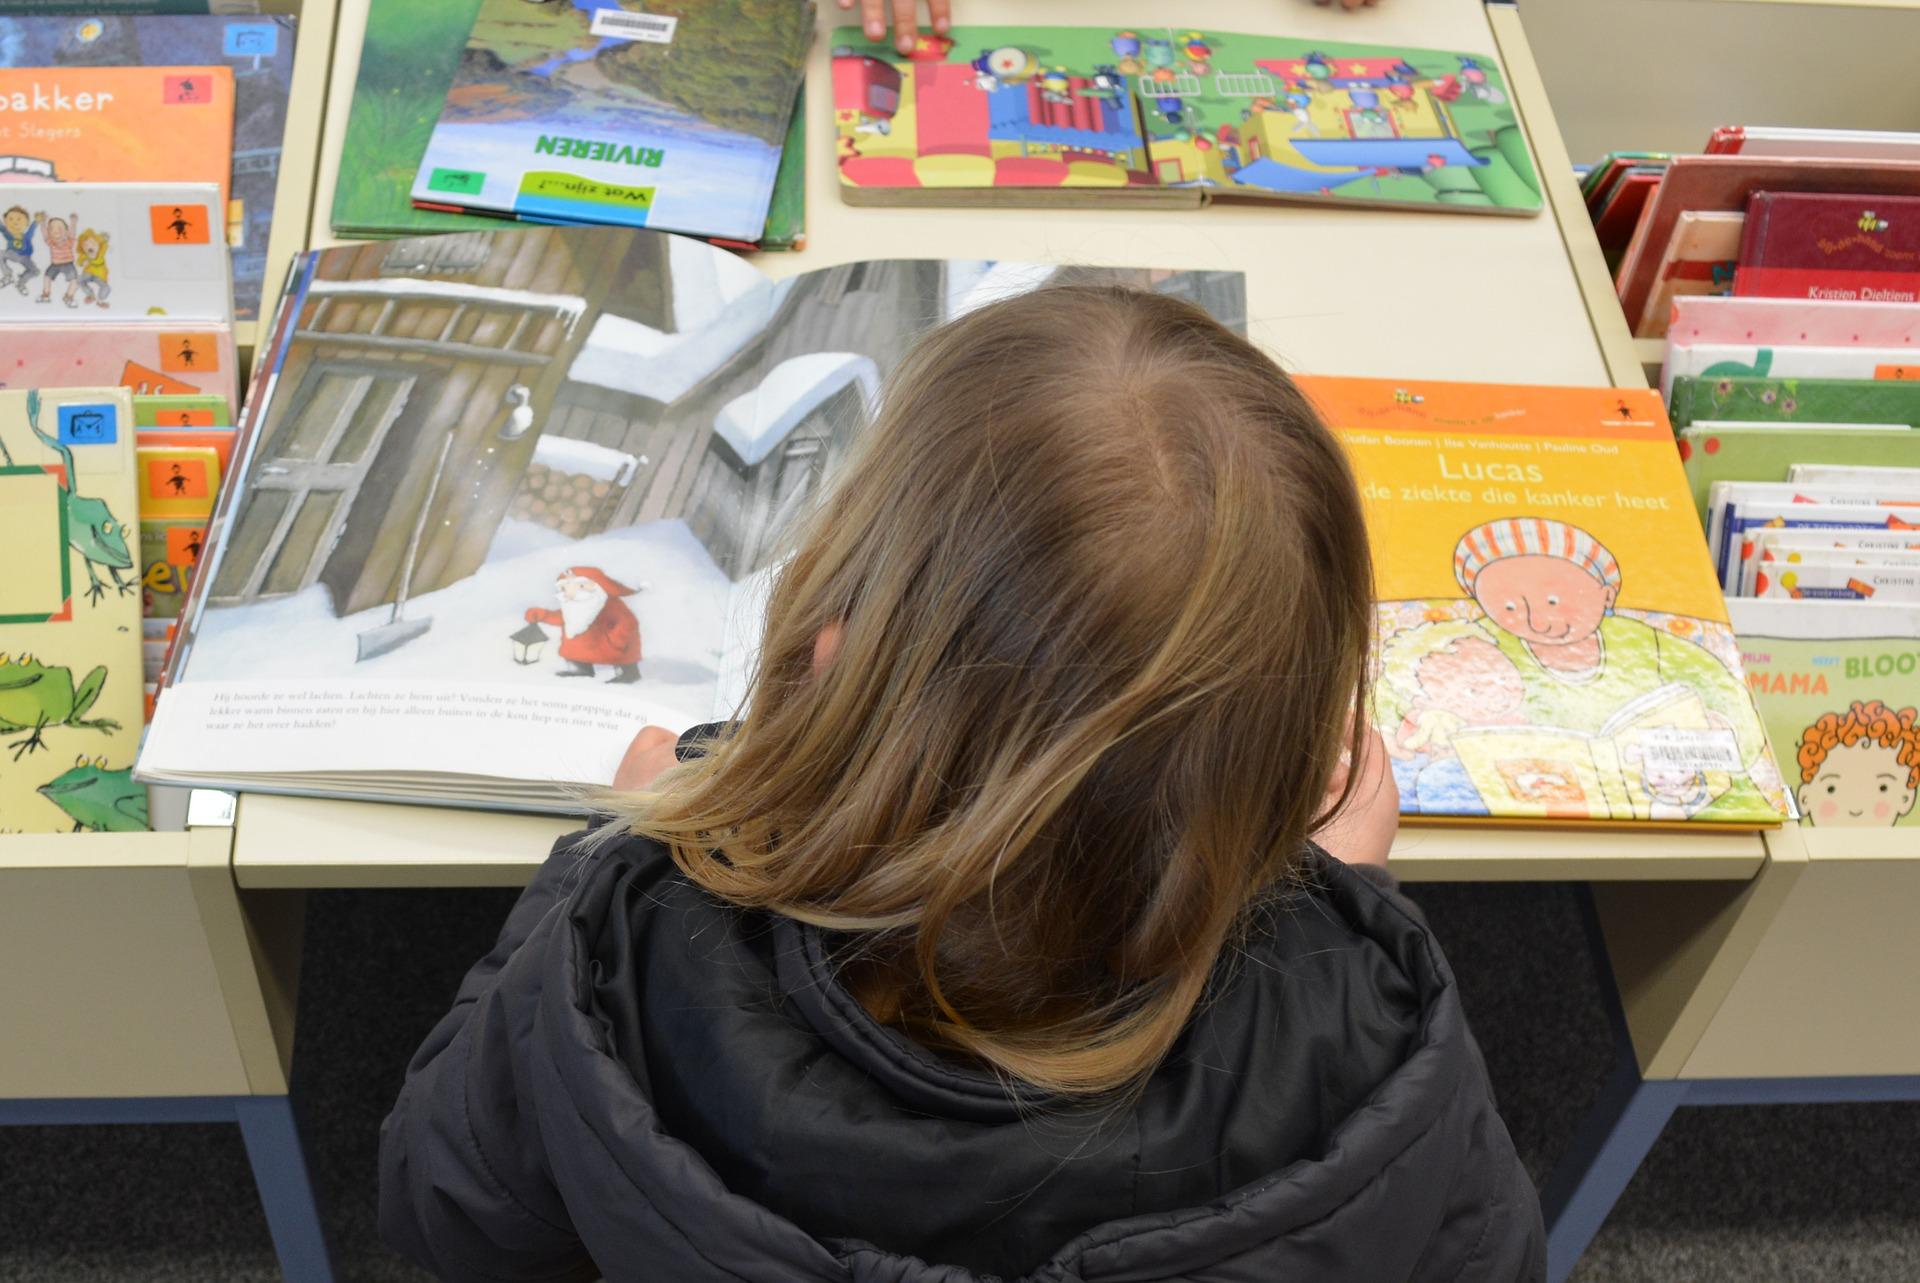 Uno de los niños leones, leyendo un libro.